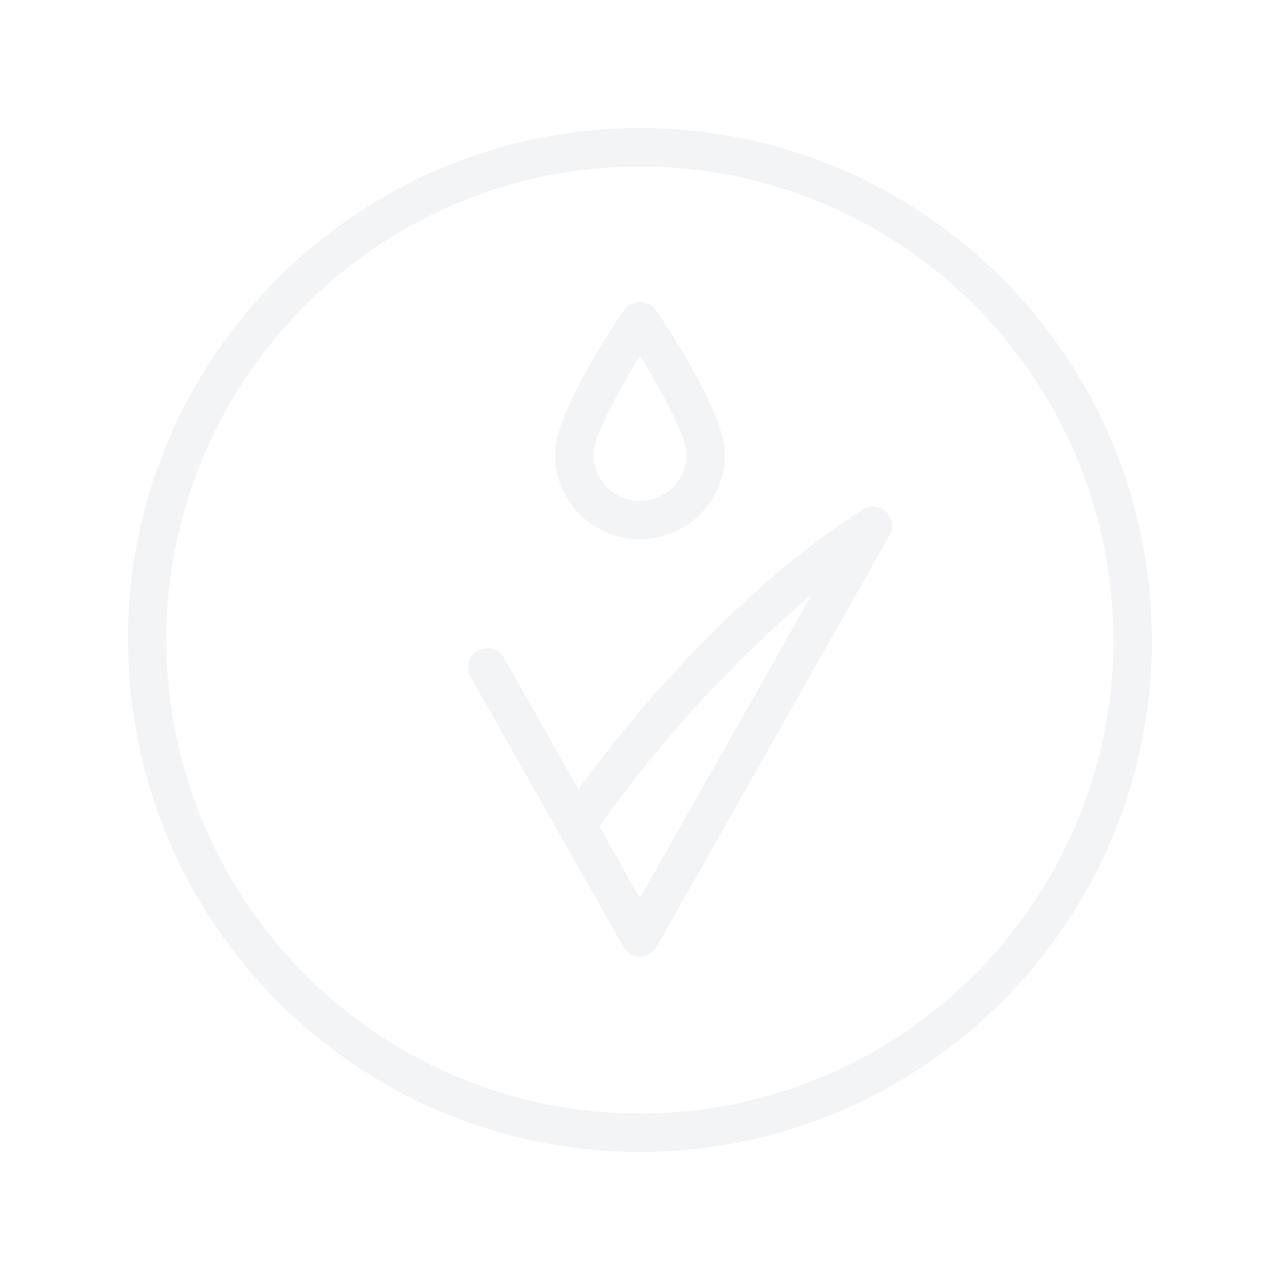 WELLA PROFESSIONALS Invigo Color Brilliance Conditioner (Fine/Normal Hair) 1000ml